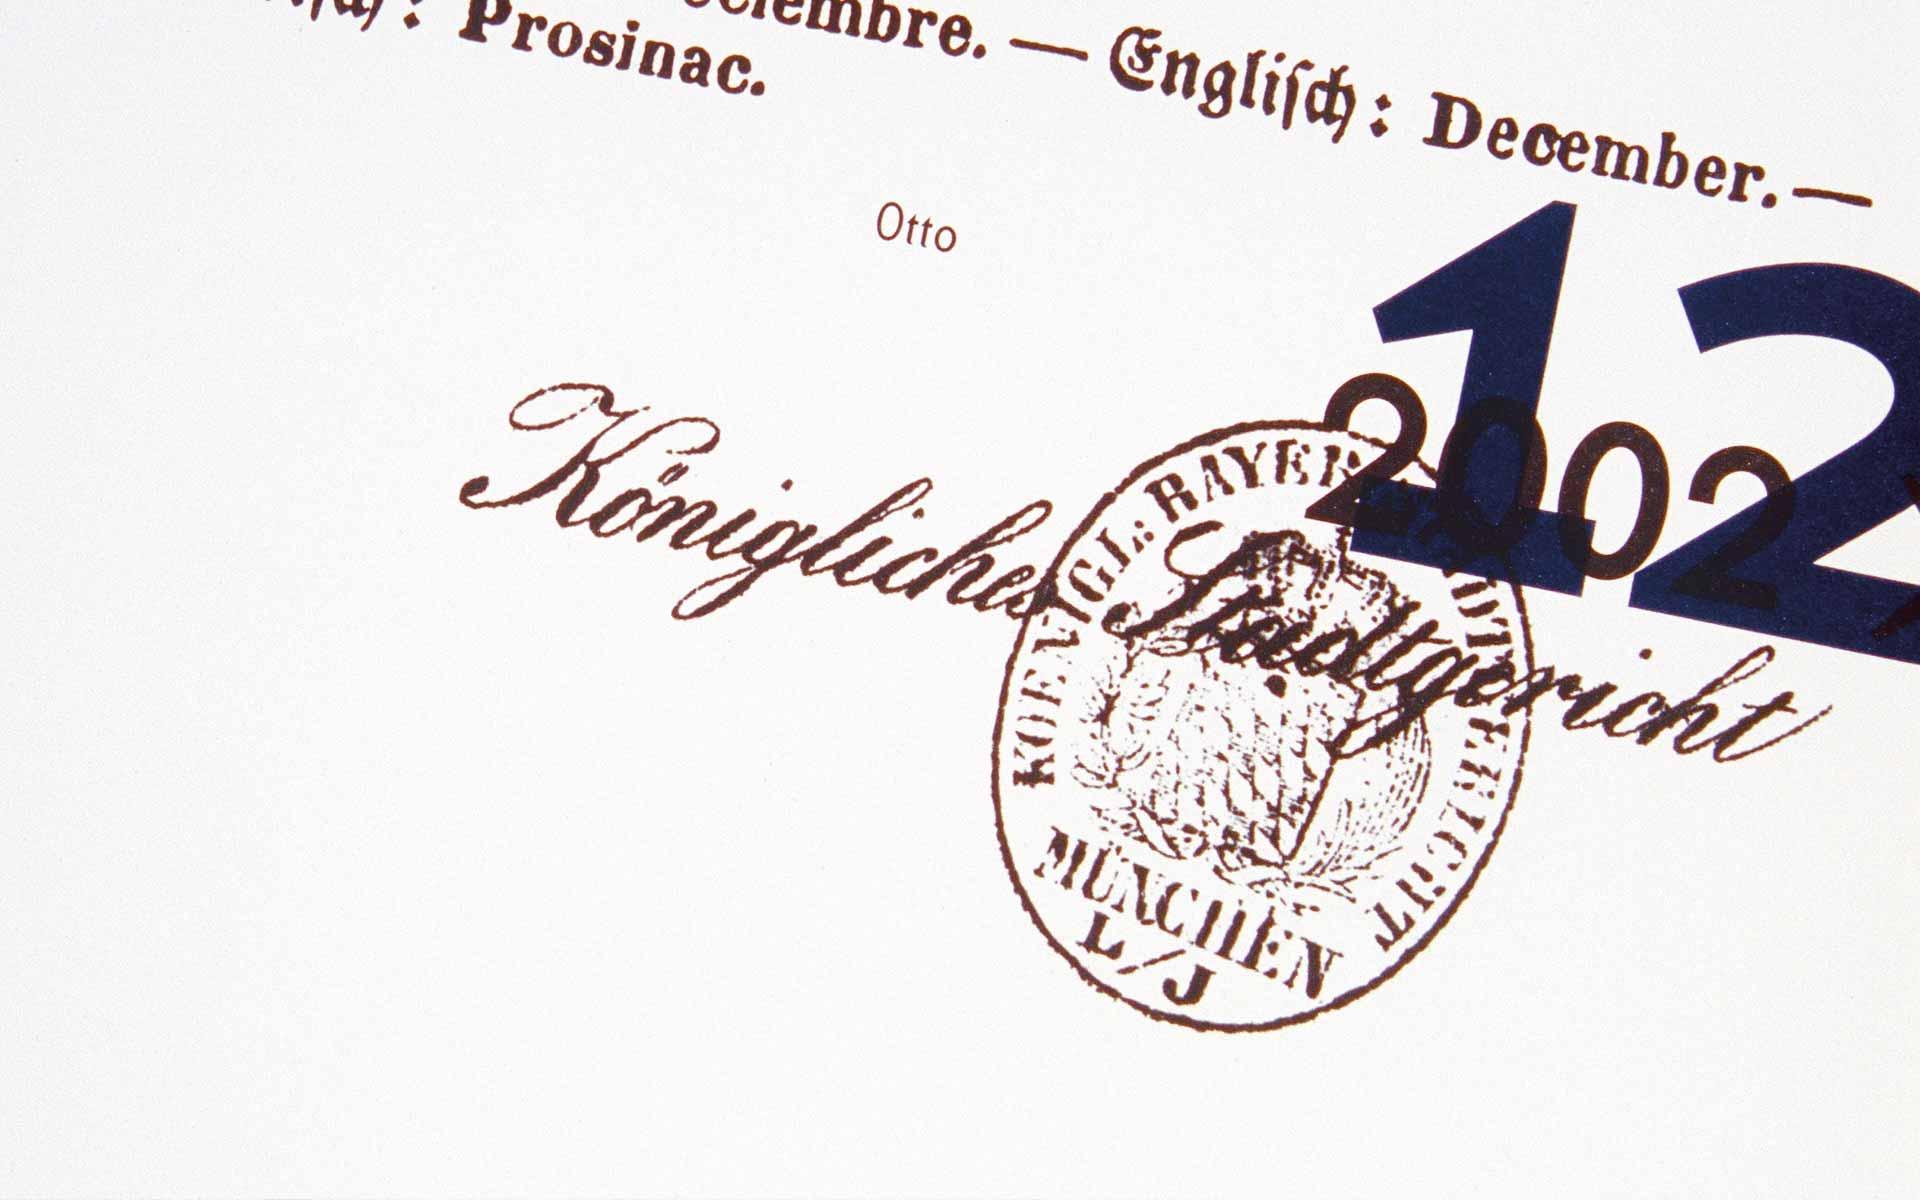 Münchener Hypothekenbank, Kalender »König Ludwig II. von Bayern«. Detail aus dem Kalenderblatt Dezember.